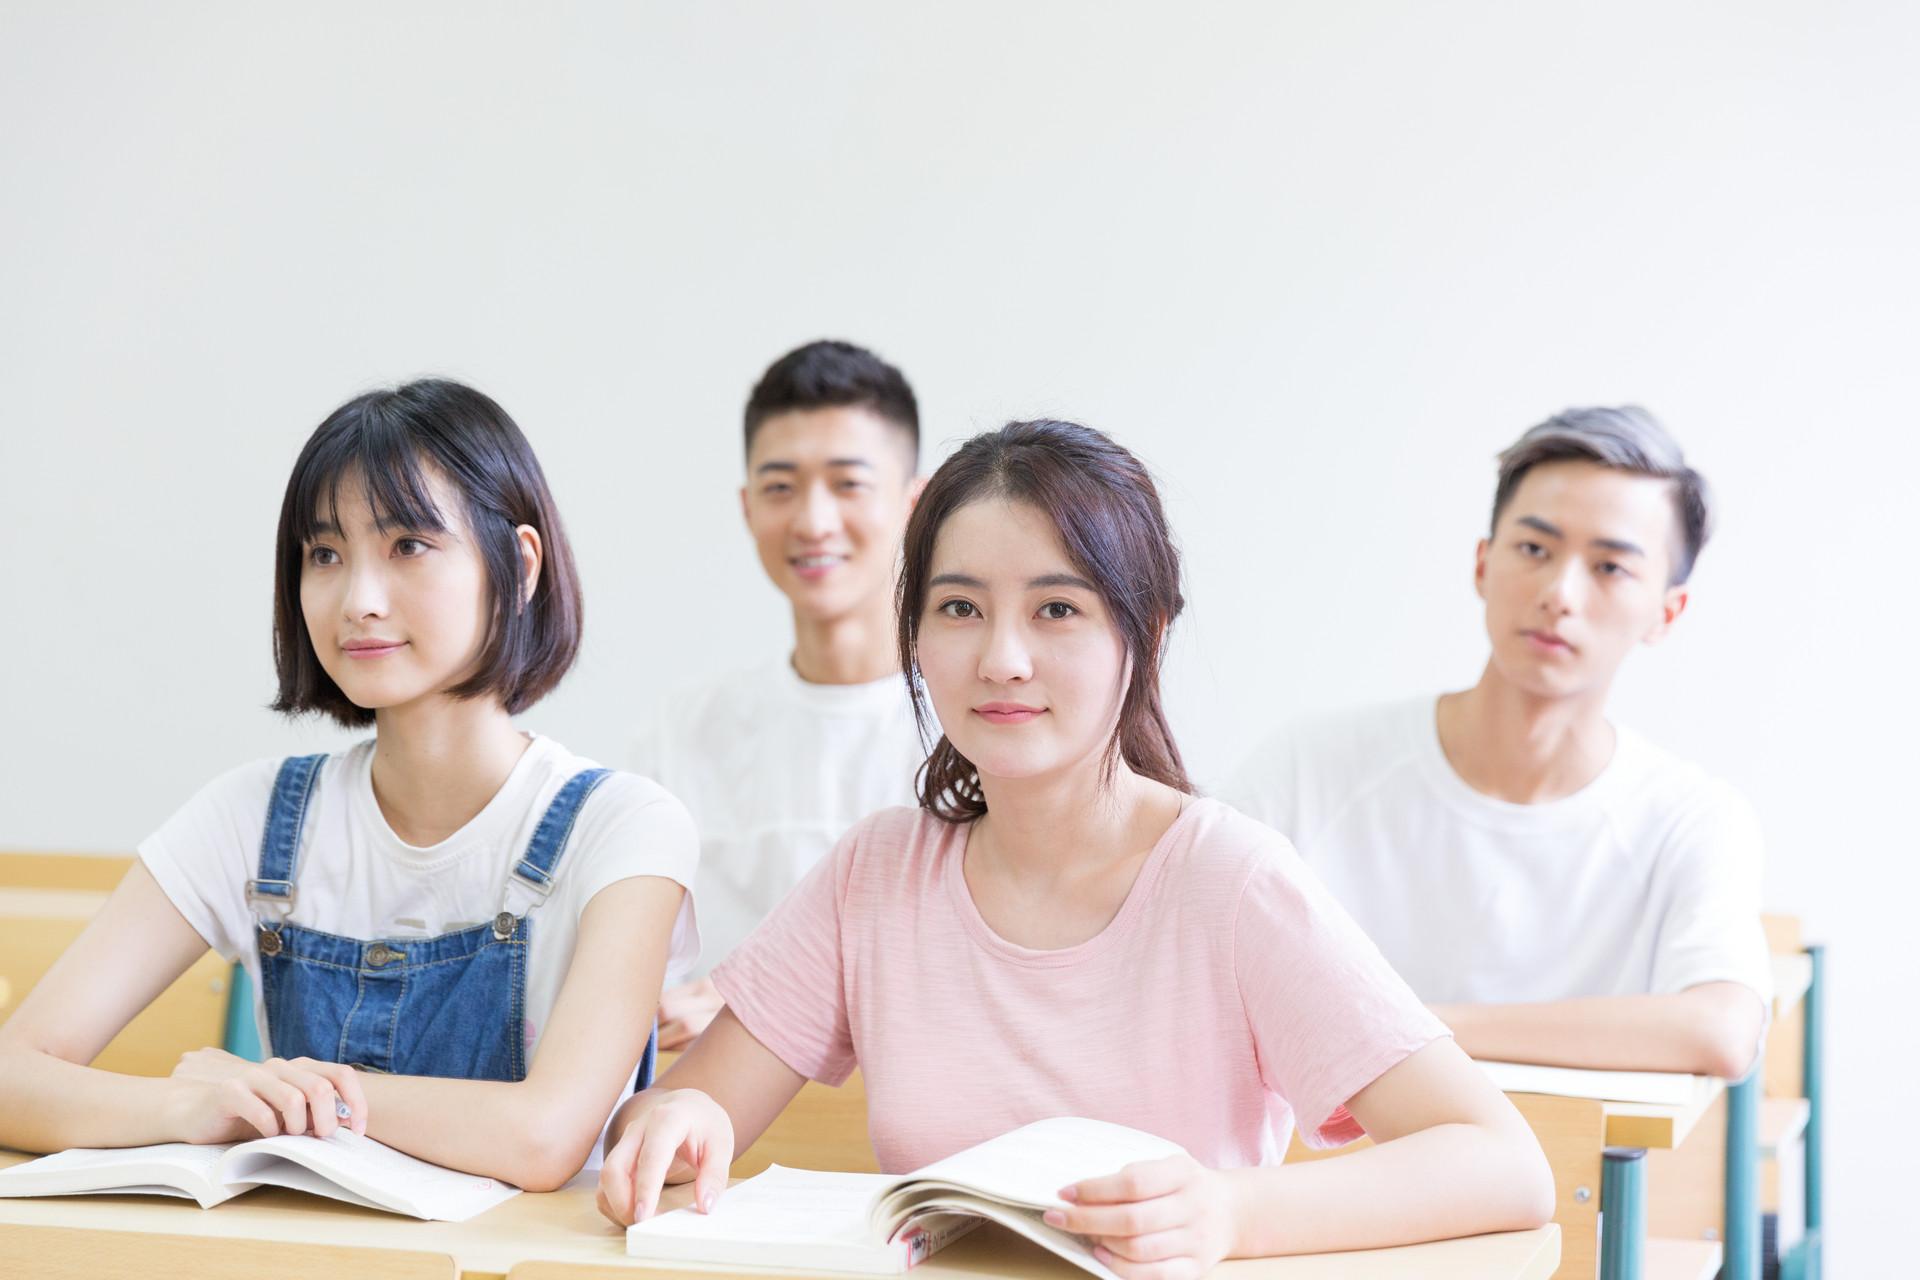 宿迁高中英语补习大概多少钱